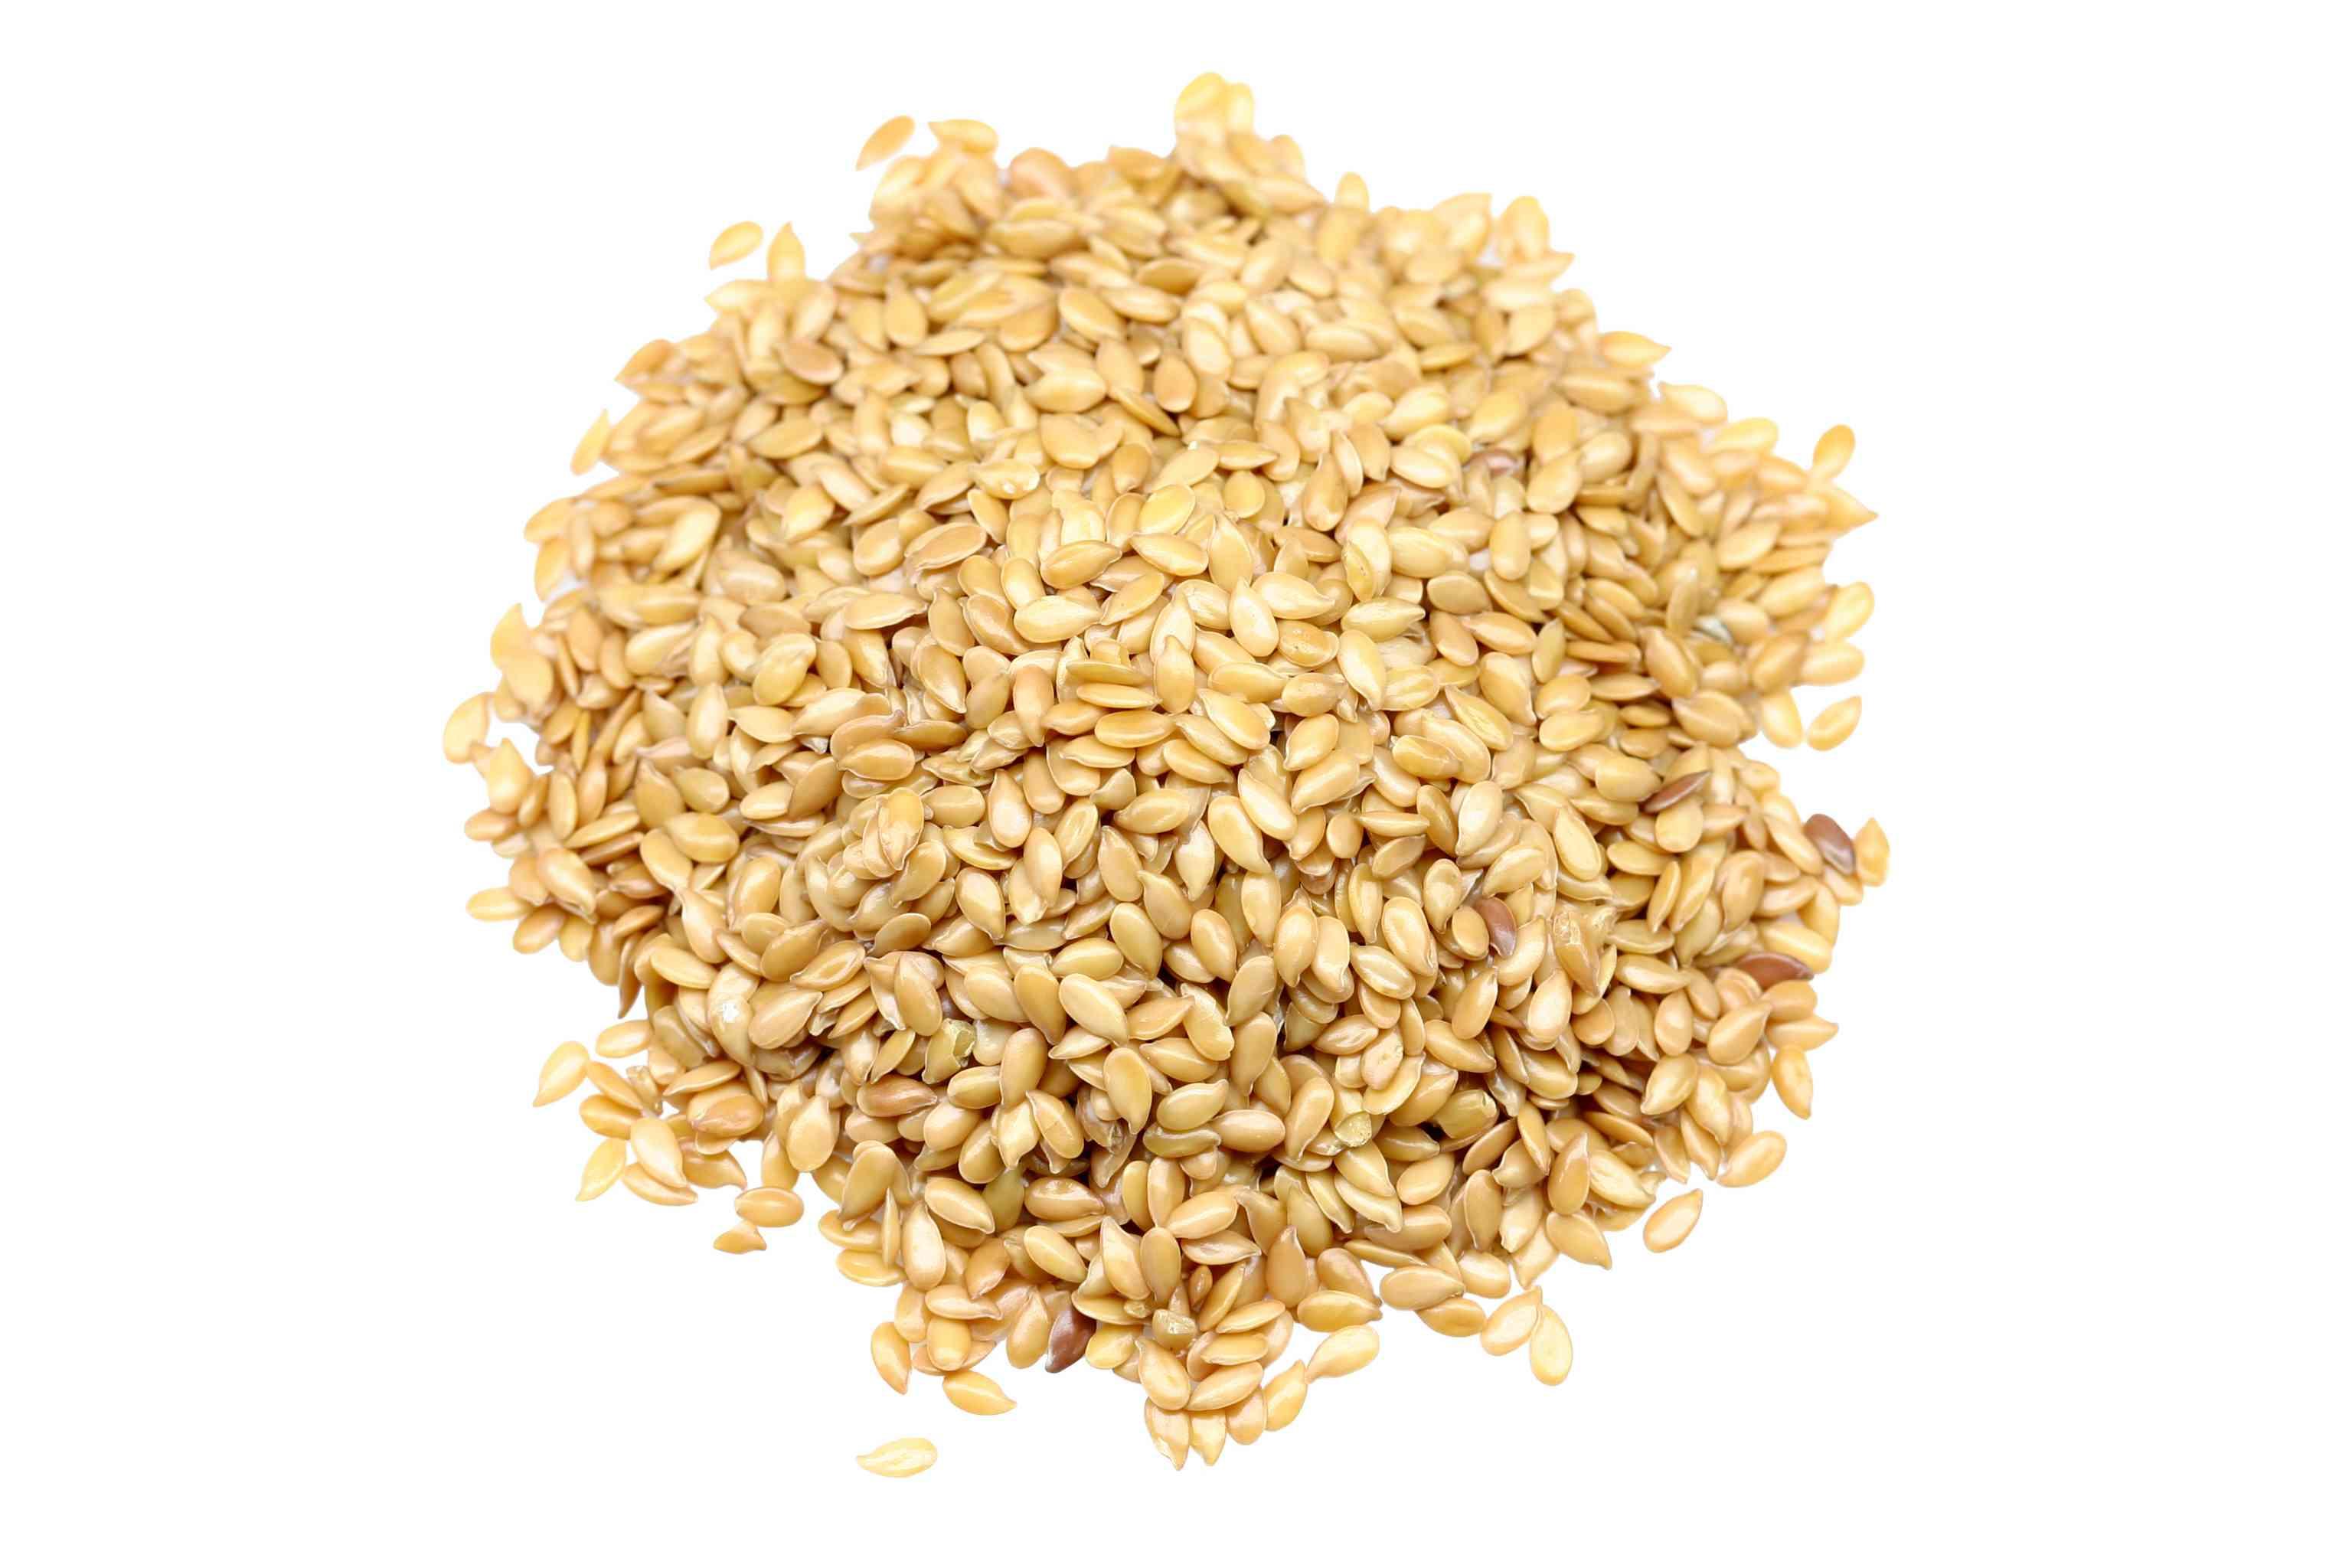 Golden flaxseeds